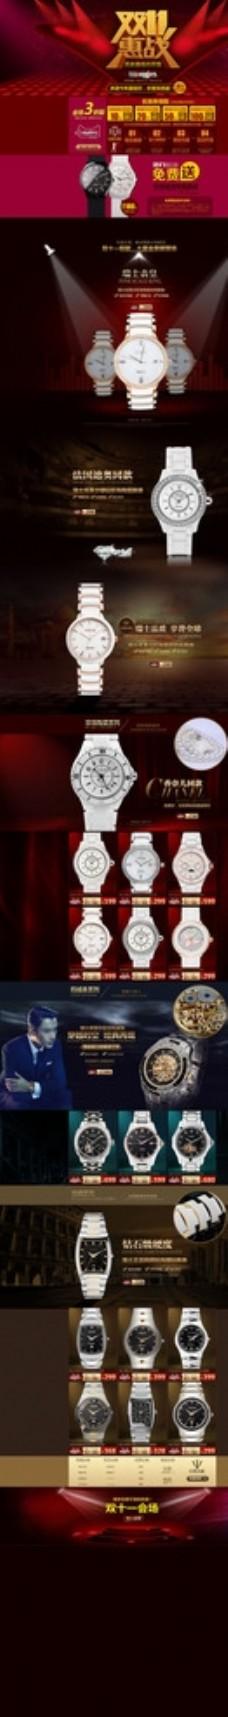 手表双11首页装修模板手表装修